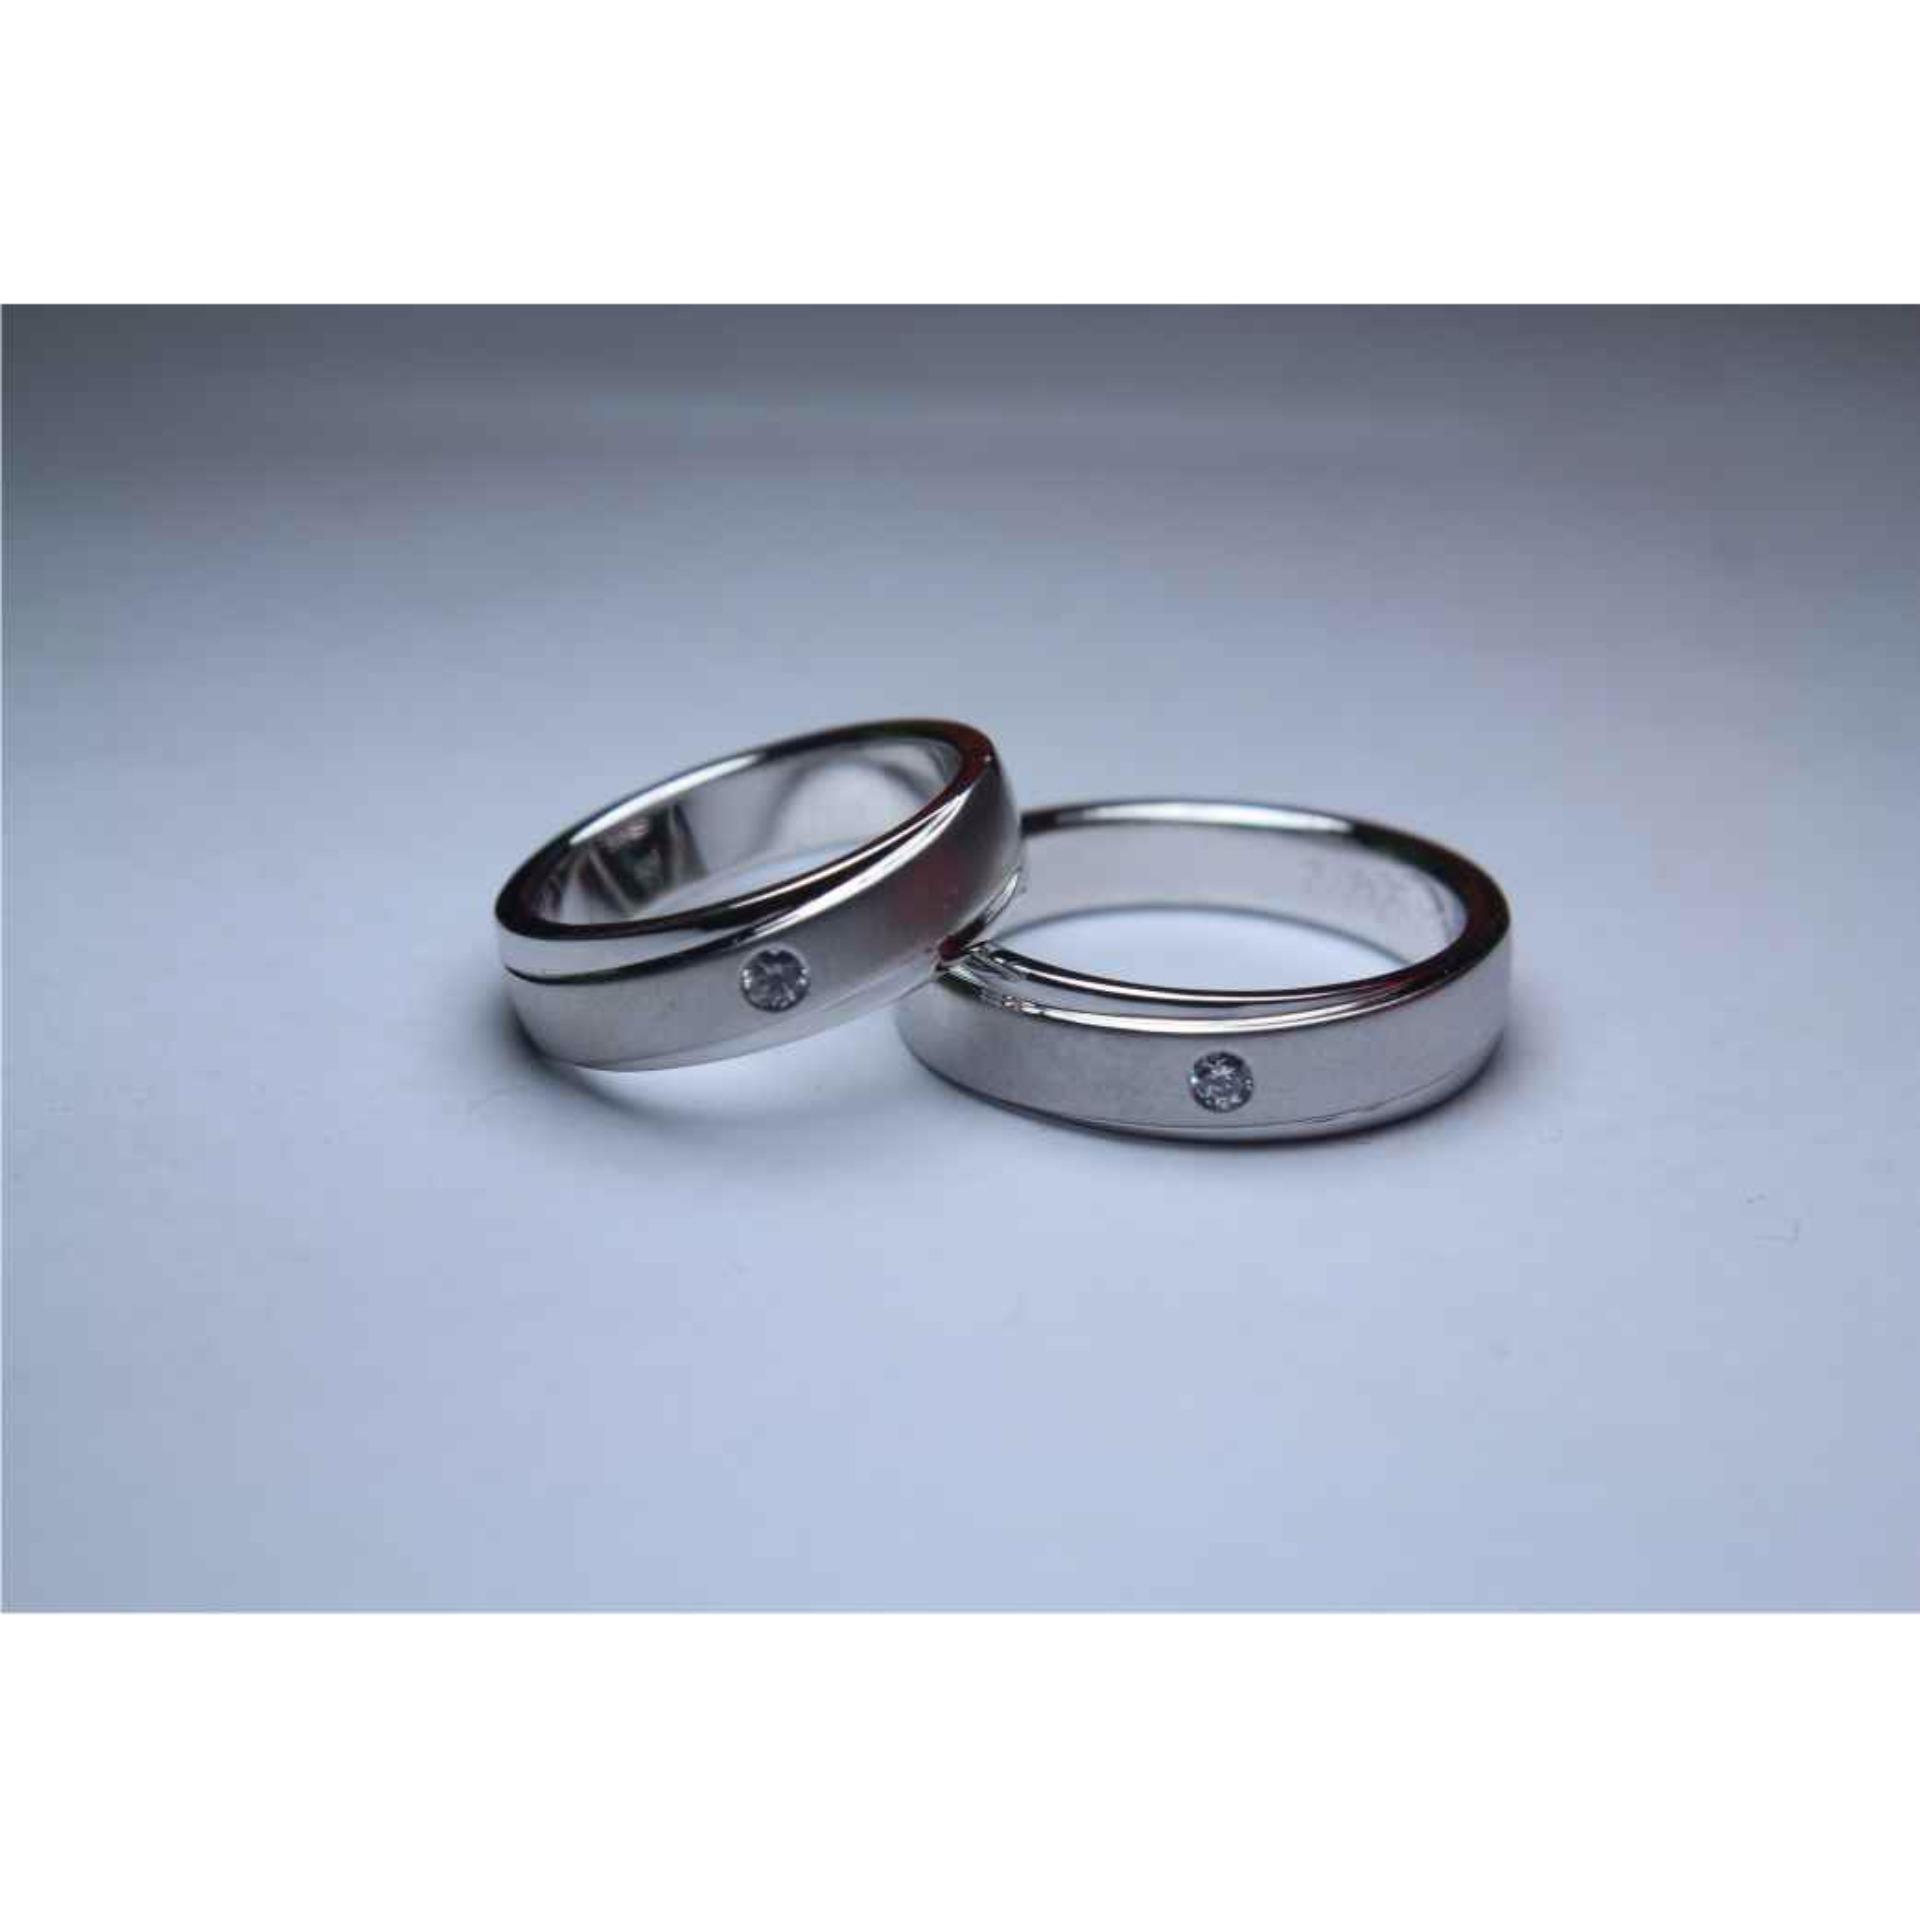 Bluelans Wanita Pernikahan Cincin Kalung Gelang Anting-Anting Berlian Imitasi Yang Ditetapkan - 2 . Source · Crystal Pesta Pernikahan Bridal Perhiasan Set ...